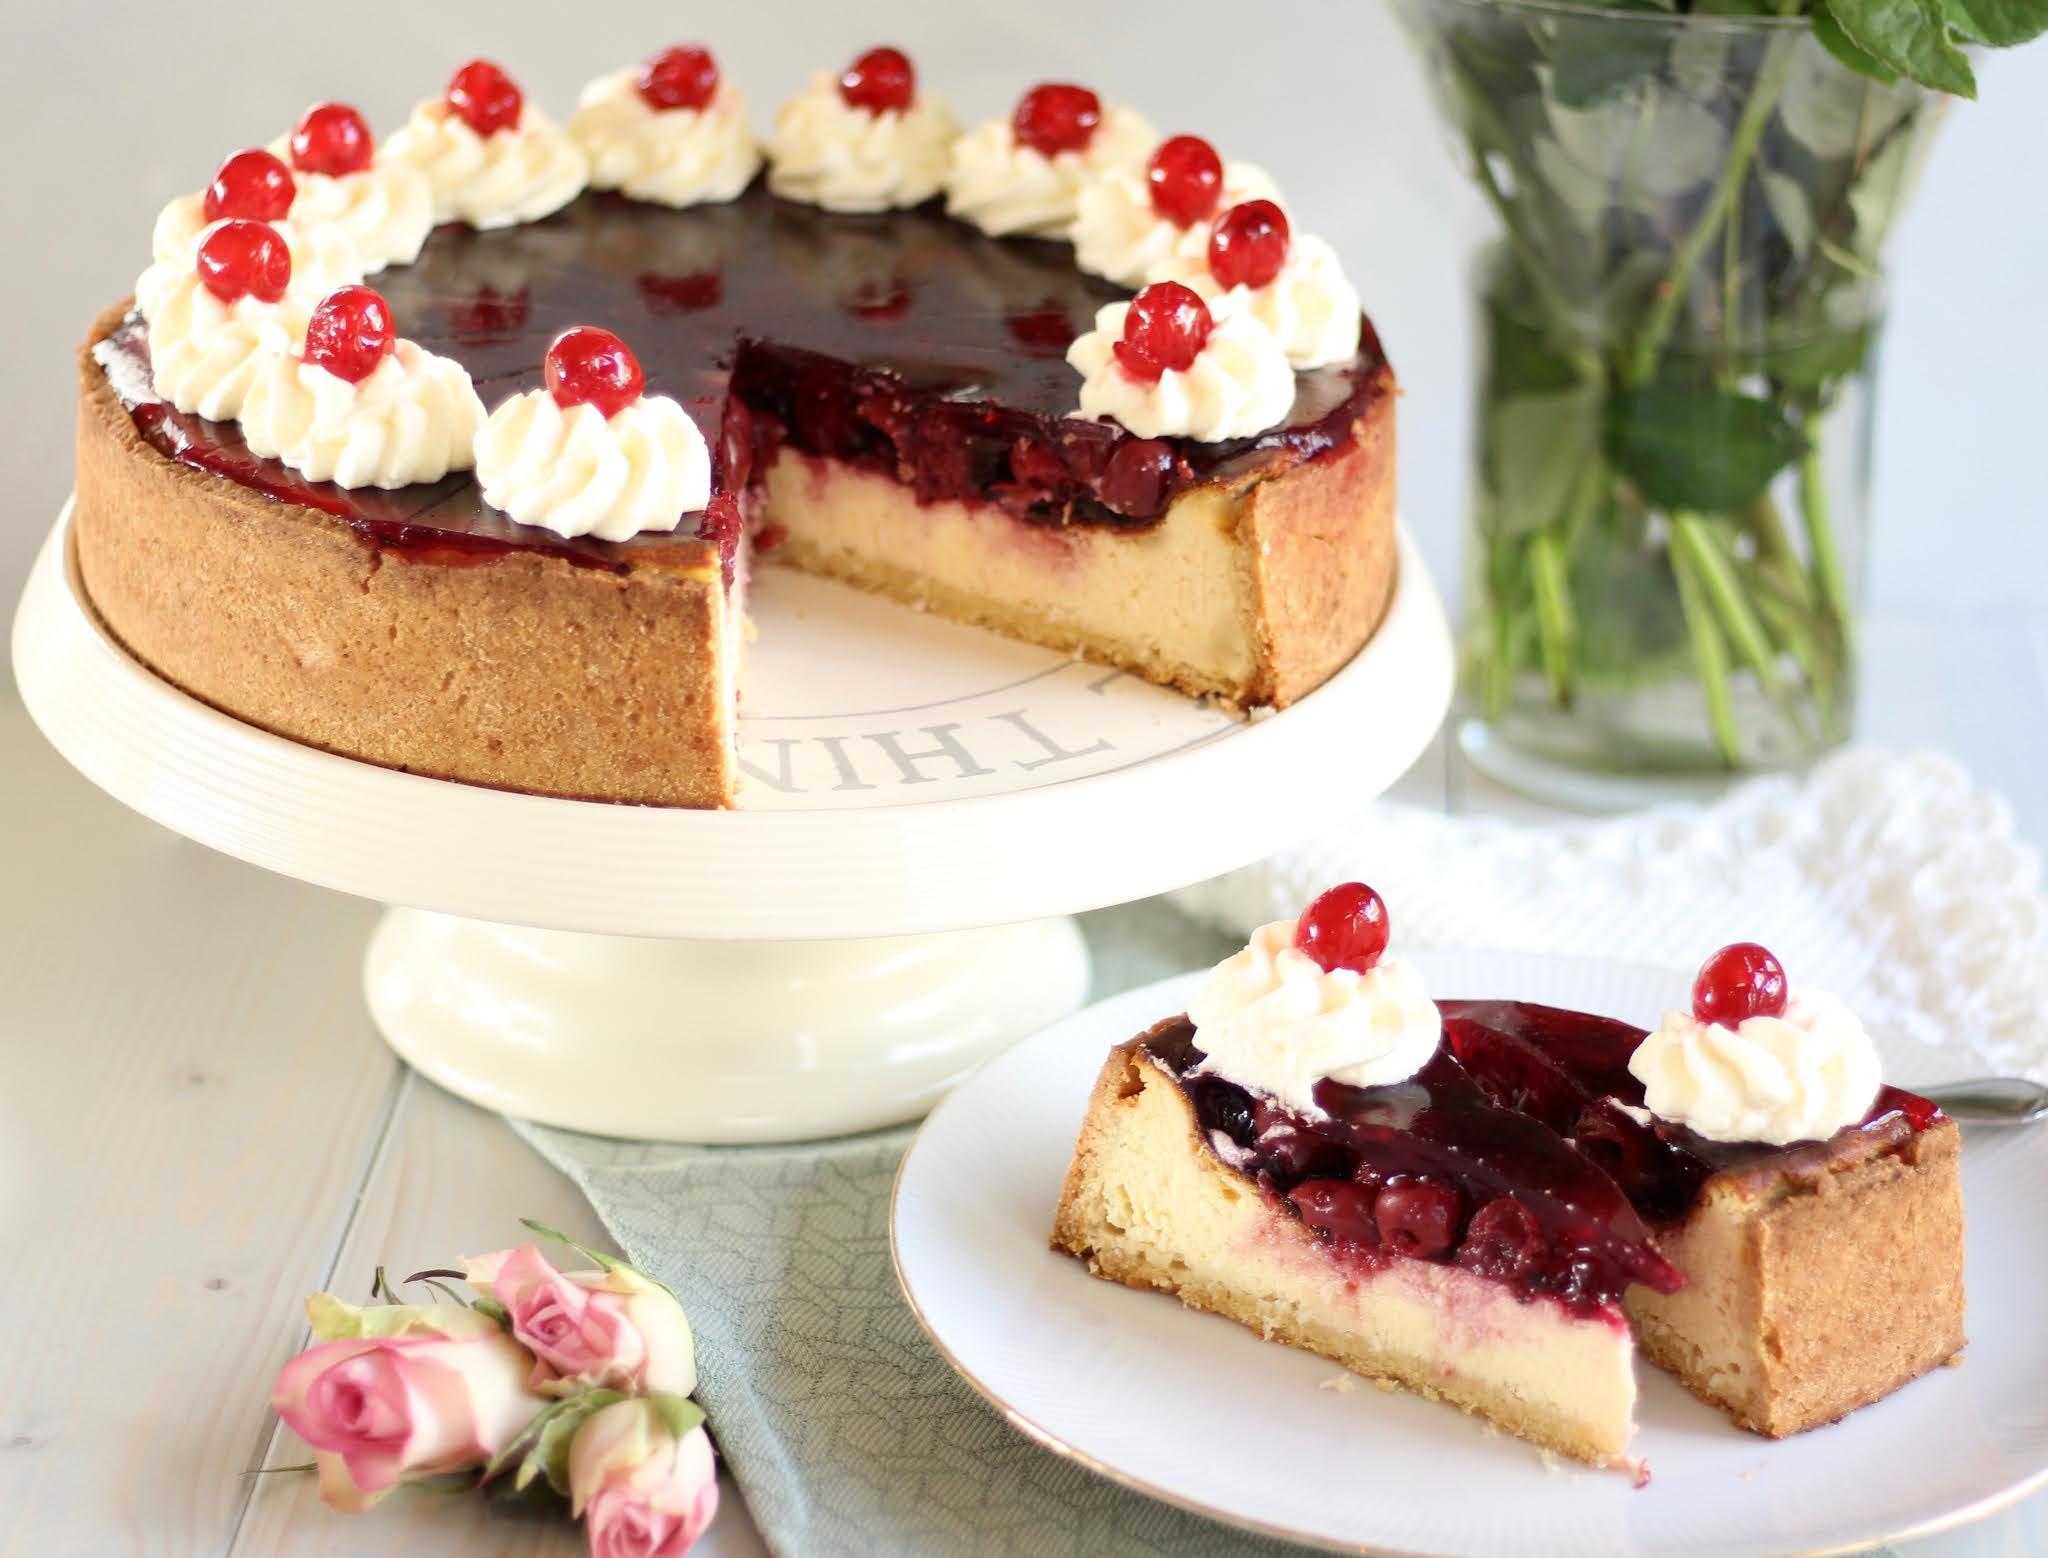 Raffinierte Kirschtorte mit Mascarpone-Quark-Creme | Kirsch-Kokos-Cheesecake